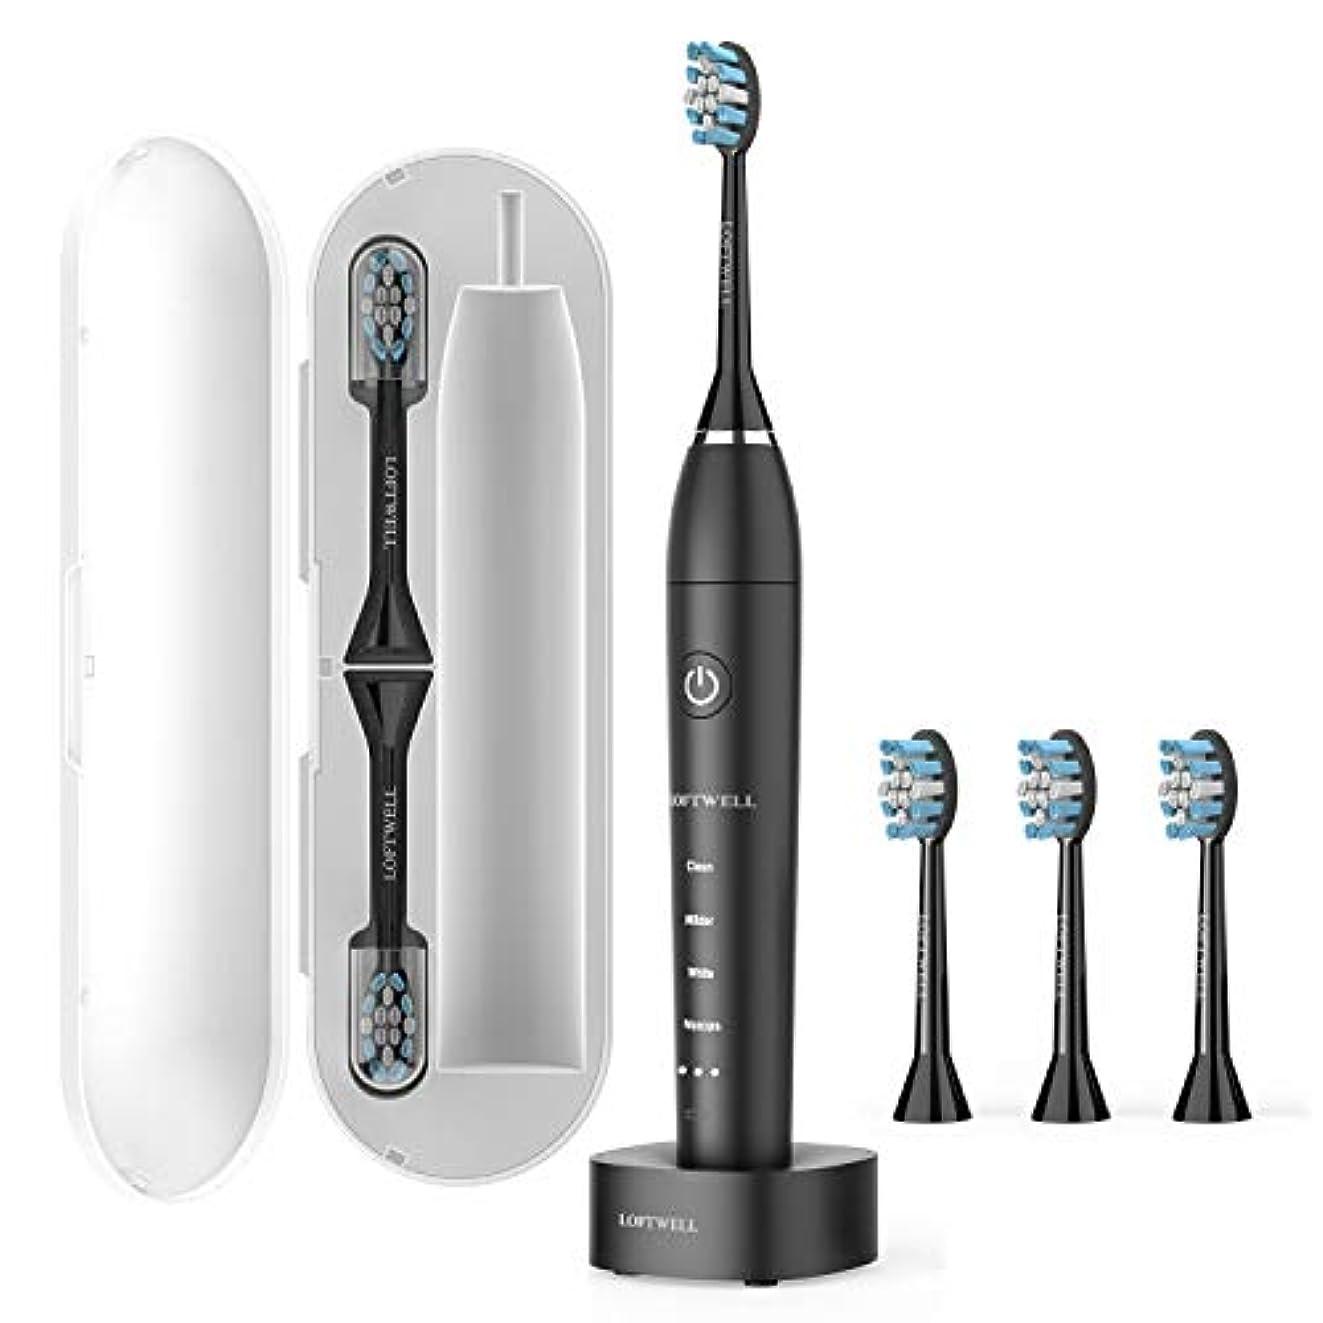 豊かにする自慢イブニング電動歯ブラシ USB充電式 LOFTWELL 音波歯ブラシ 4モード 超音波 歯ブラシ 2分間オートタイマー機能搭載 フル充電20日使え IPX7防水 替えブラシ6本付き (D5-電動歯ブラシ)